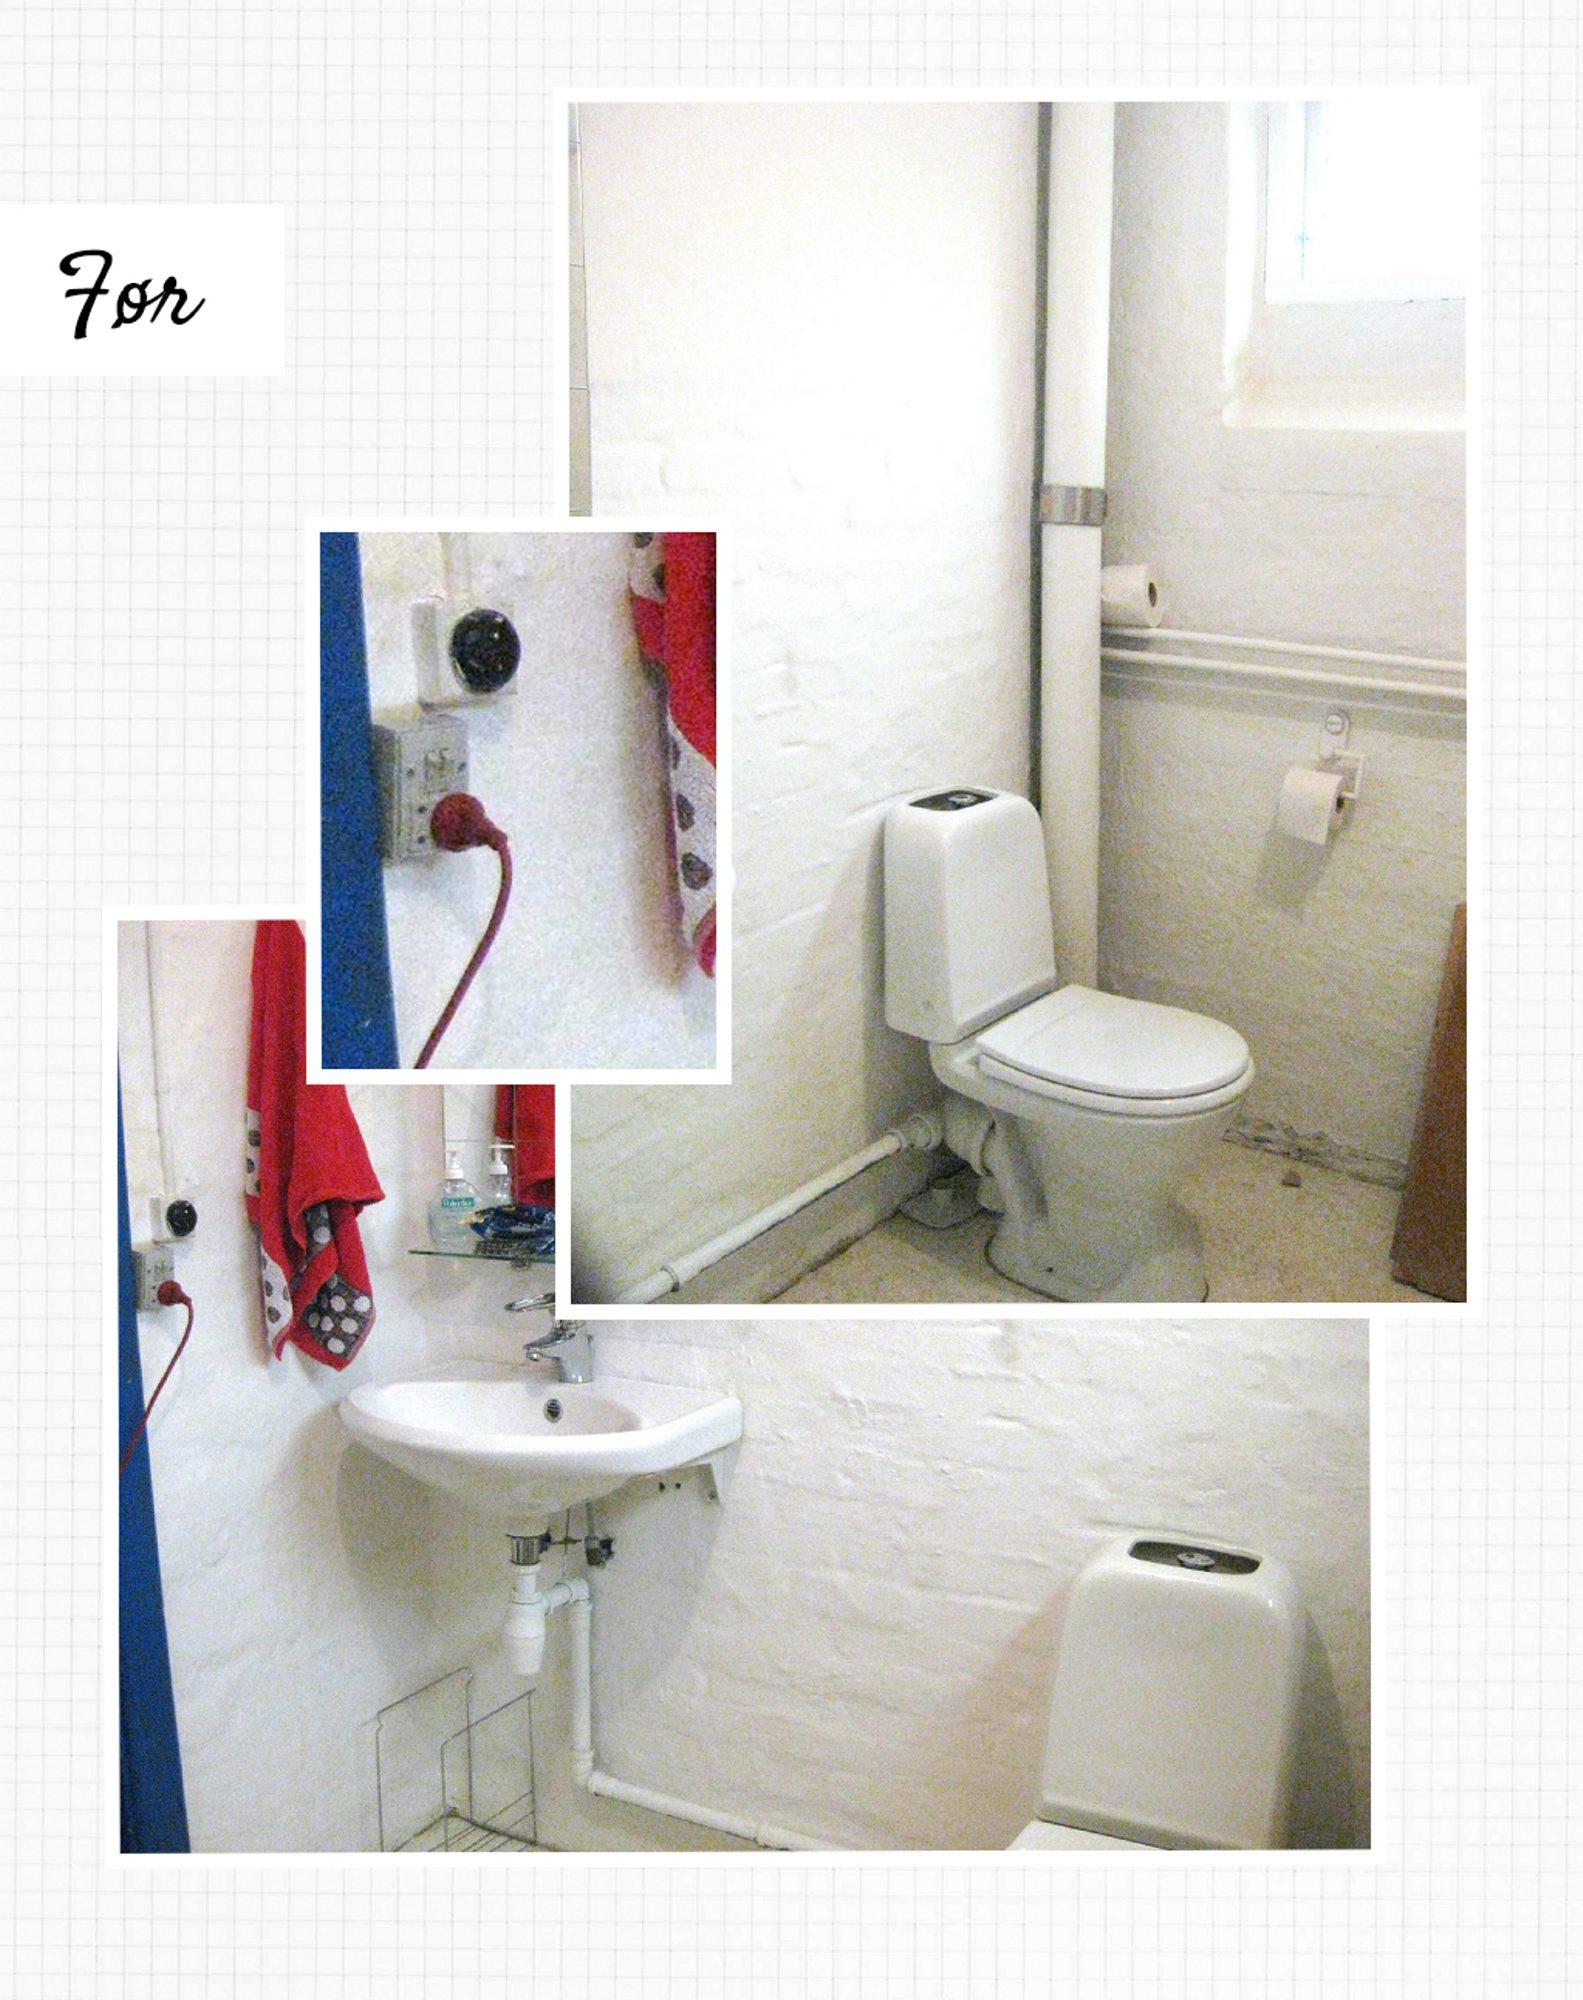 FØR: Det mørke og nedslitte badet trengte sårt en forvandling. FOTO: Tia Borgsmidt